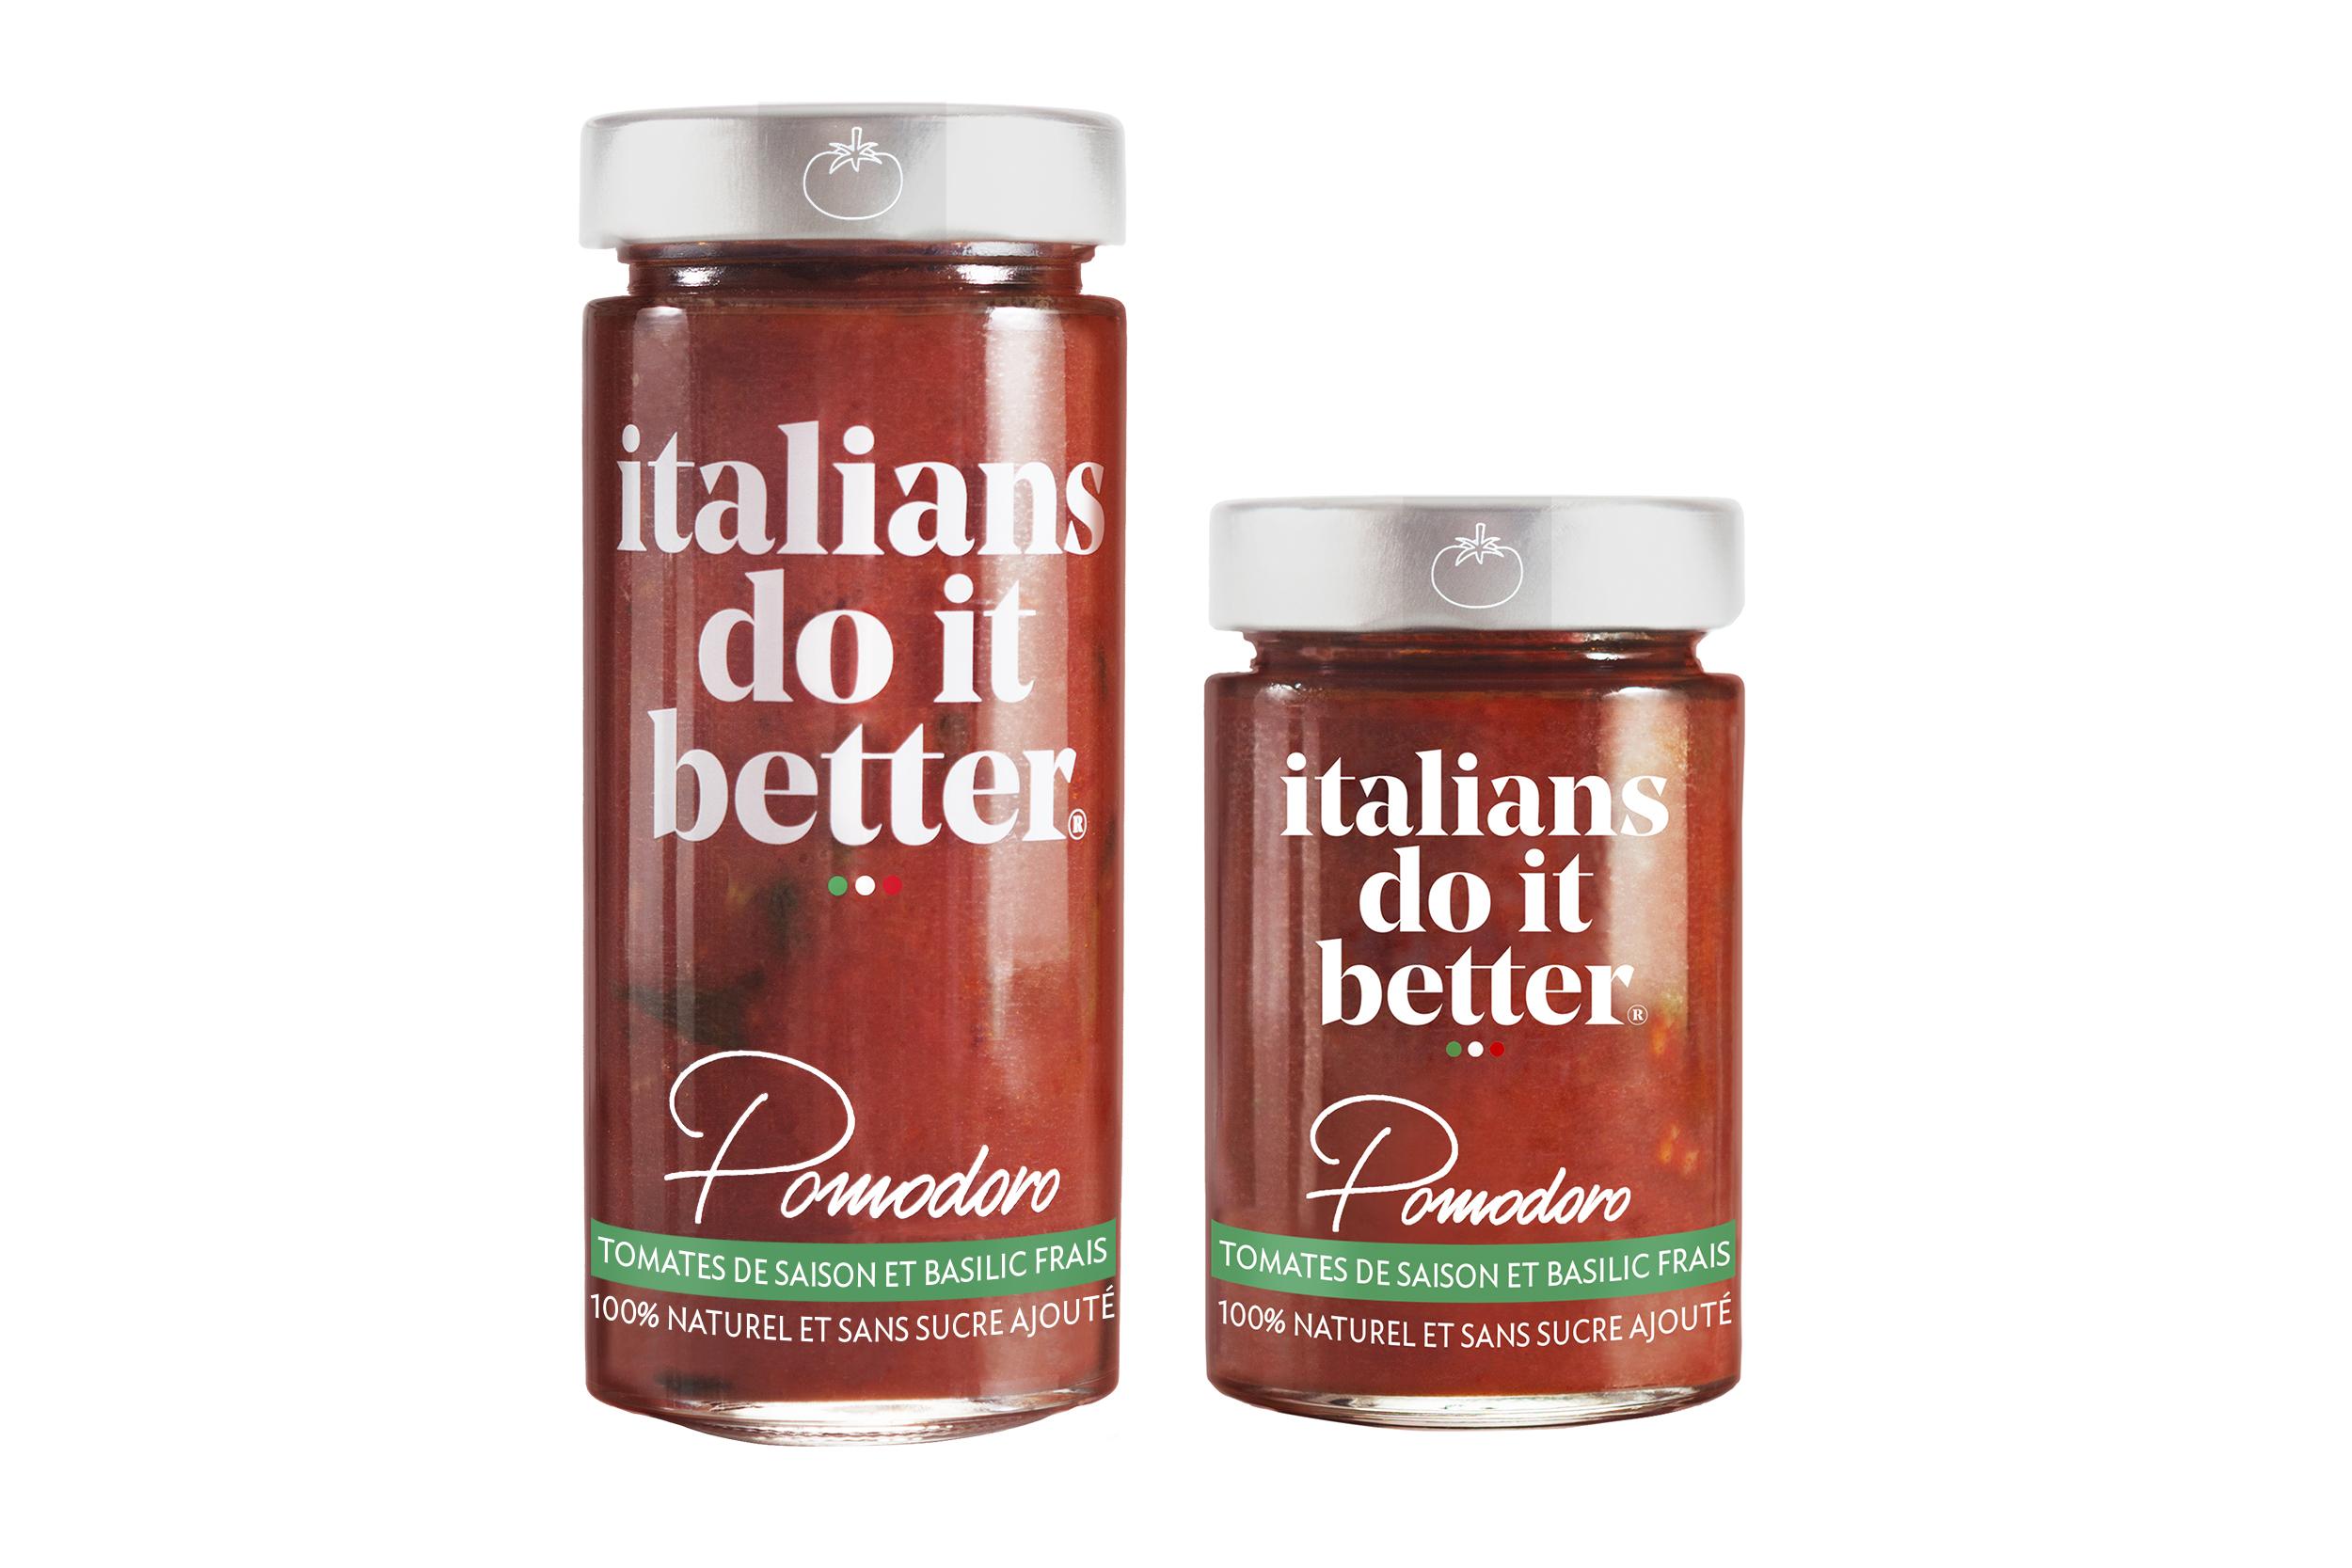 Pomodoro 290g / 190g   Tomates Fraîches (93%), Huile d'Olive Extra Vierge, Basilico Genovese AOP (2%), Ail, Poivre, Sel.  La recette sicilienne traditionnelle de la sauce tomates,  Pomodoro  en italien, et basilic. Une sauce extra légère cuisinée avec des tomates fraîches et gorgées de soleil. A déguster directement avec vos pasta, mais aussi en base de vos Bolognese maison ou comme base à pizza. Existe également en 190g.   How to do it better :  salez l'eau des pâtes, cuire la pasta al dente et faites-la revenir 1 minute à feu doux avec la sauce. Saupoudrez le tout de Parmigiano Reggiano. A cuisiner avec des  spaghetti .